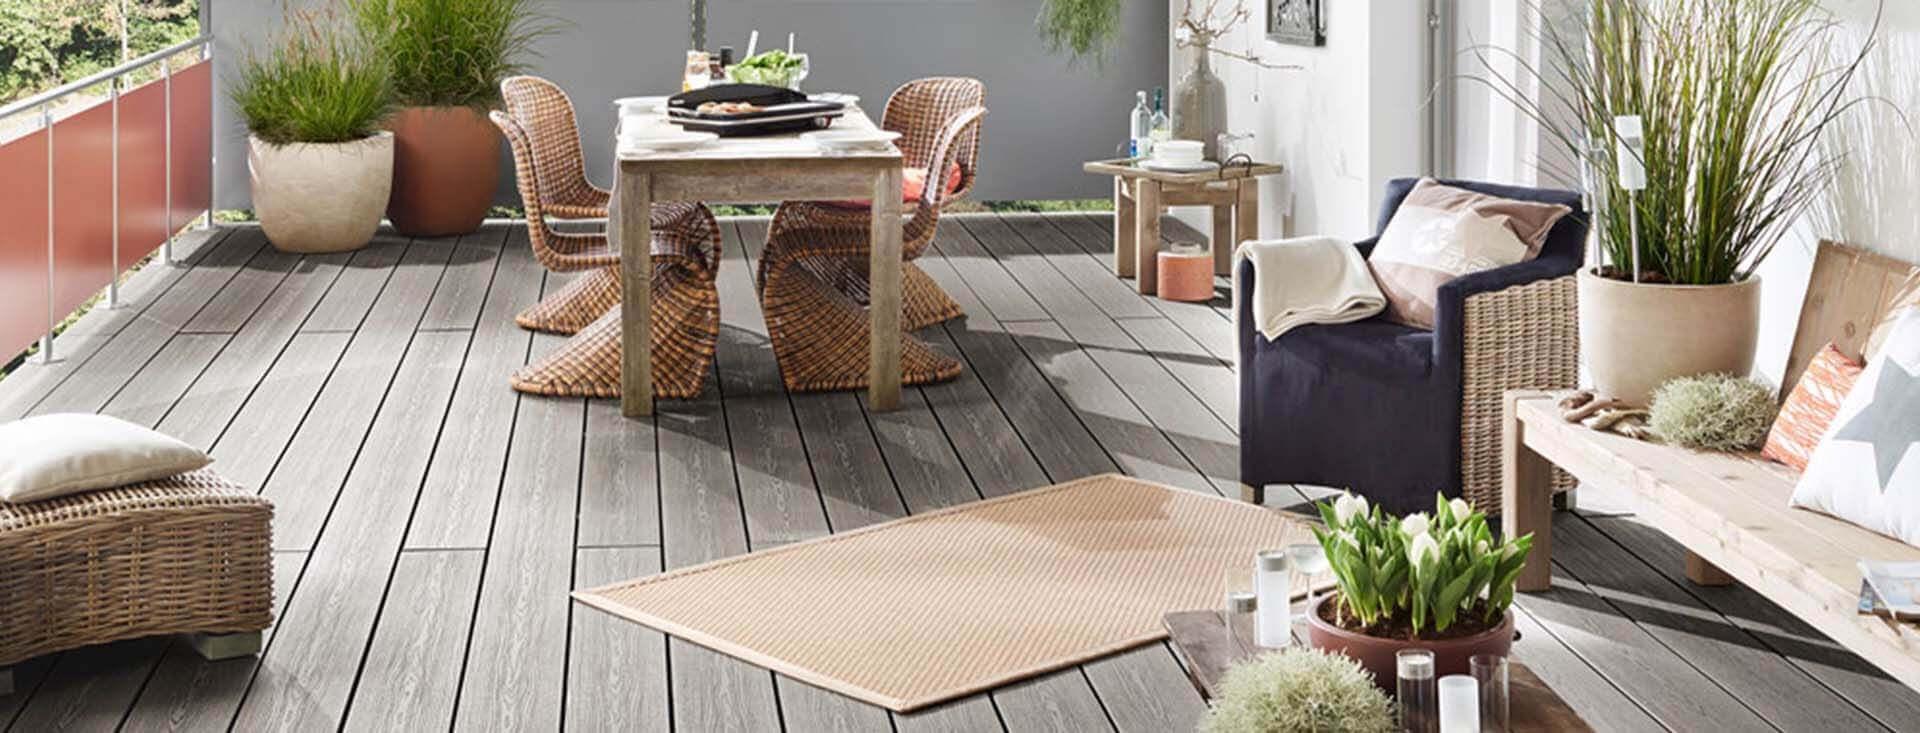 Verführerisch Deko Vor Der Haustür Modern Dekoration Von Teppiche